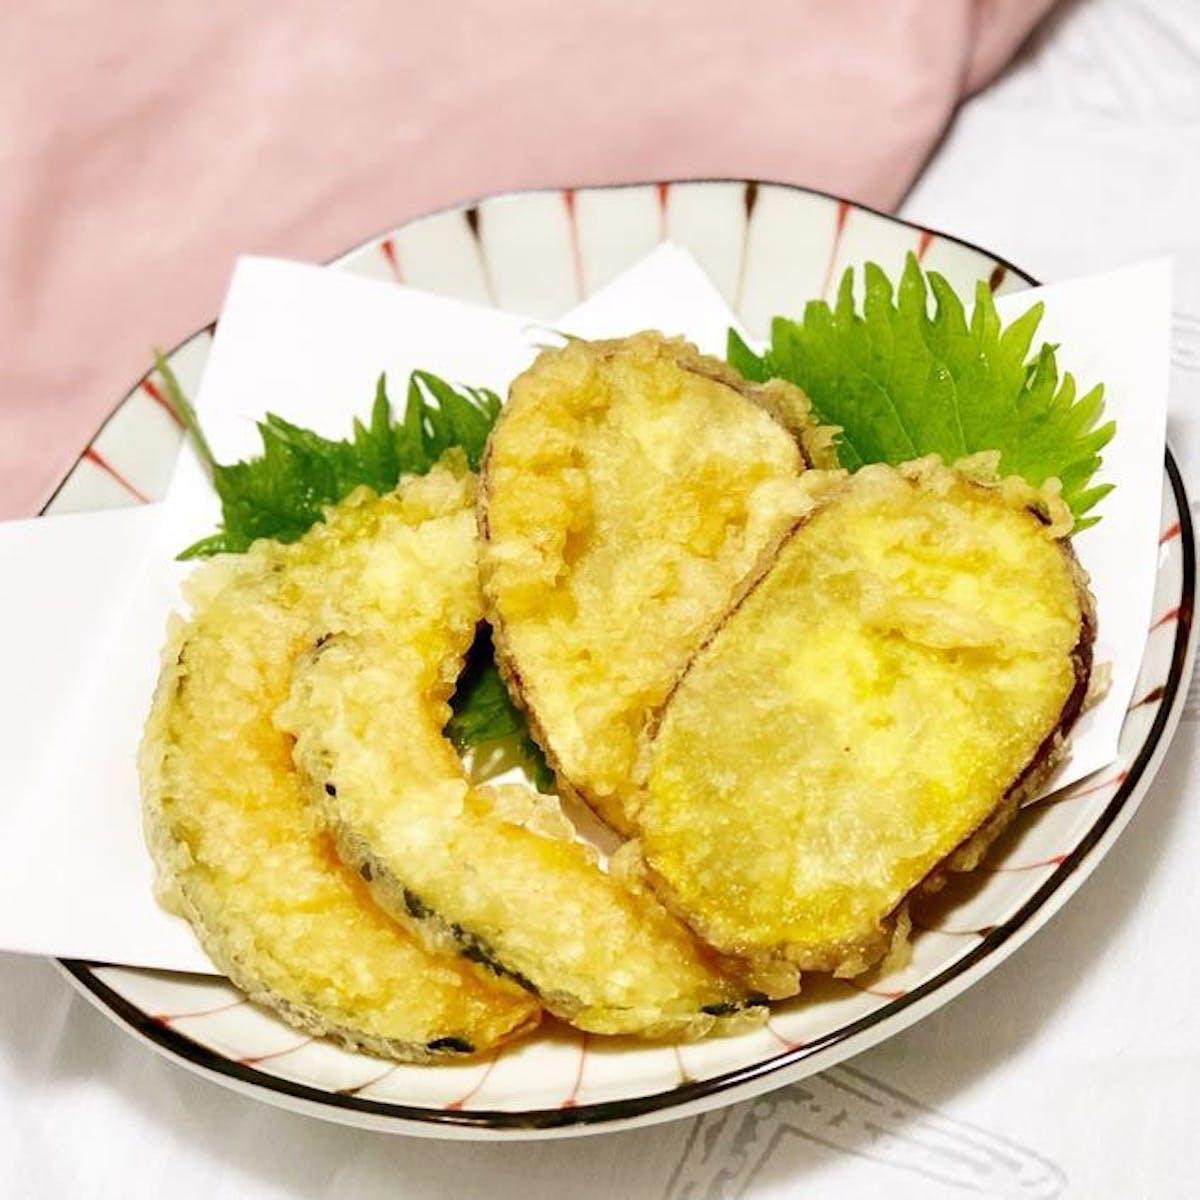 マヨネーズでサクサク!根菜の天ぷら